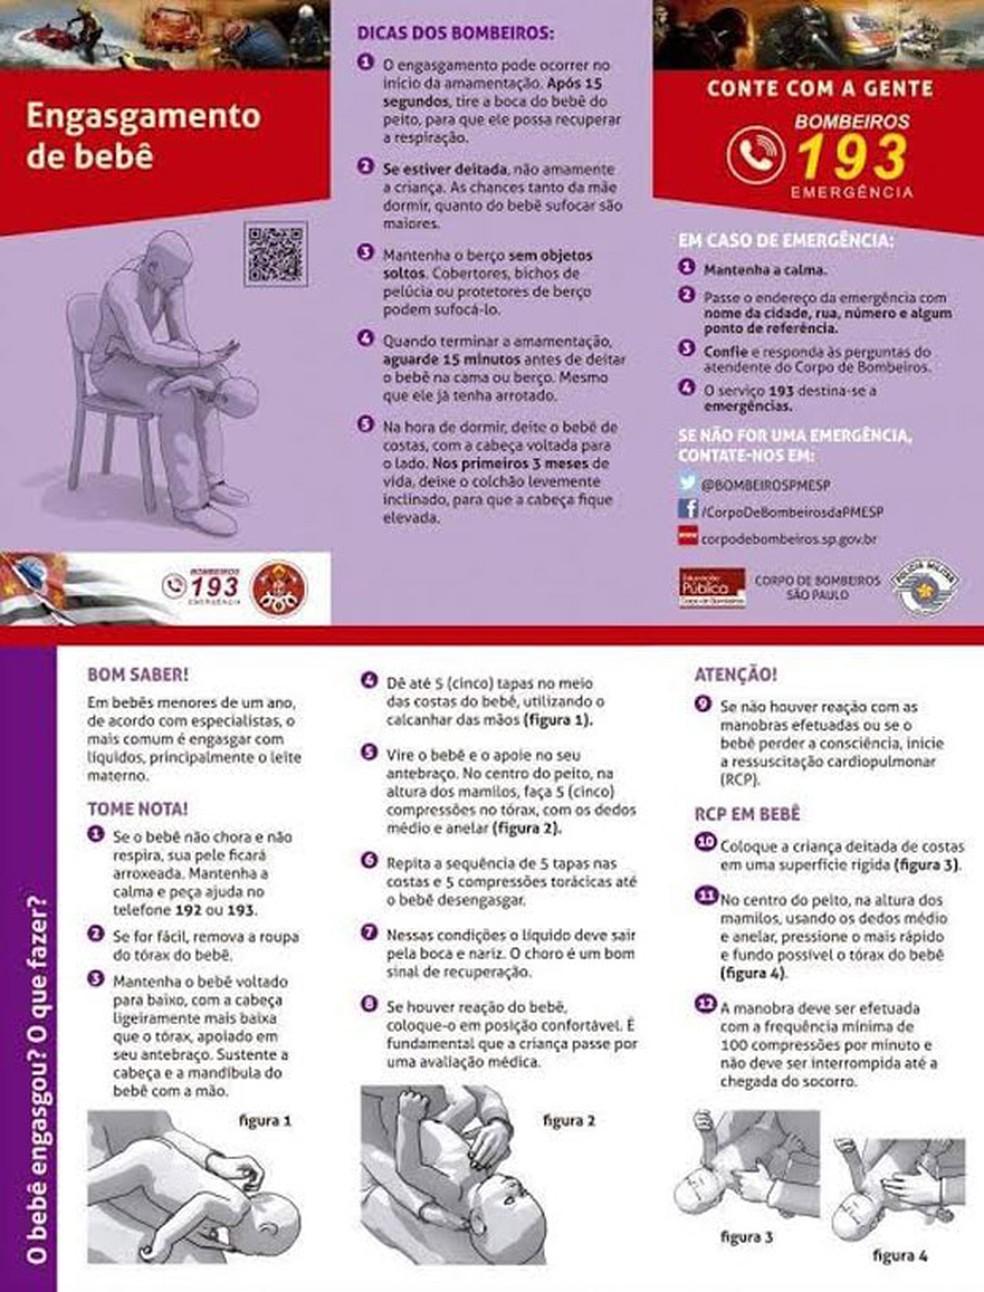 Corpo de Bombeiros divulgou orientações à população sobre o atendimento a crianças (Foto: Reprodução/Corpo de Bombeiros)